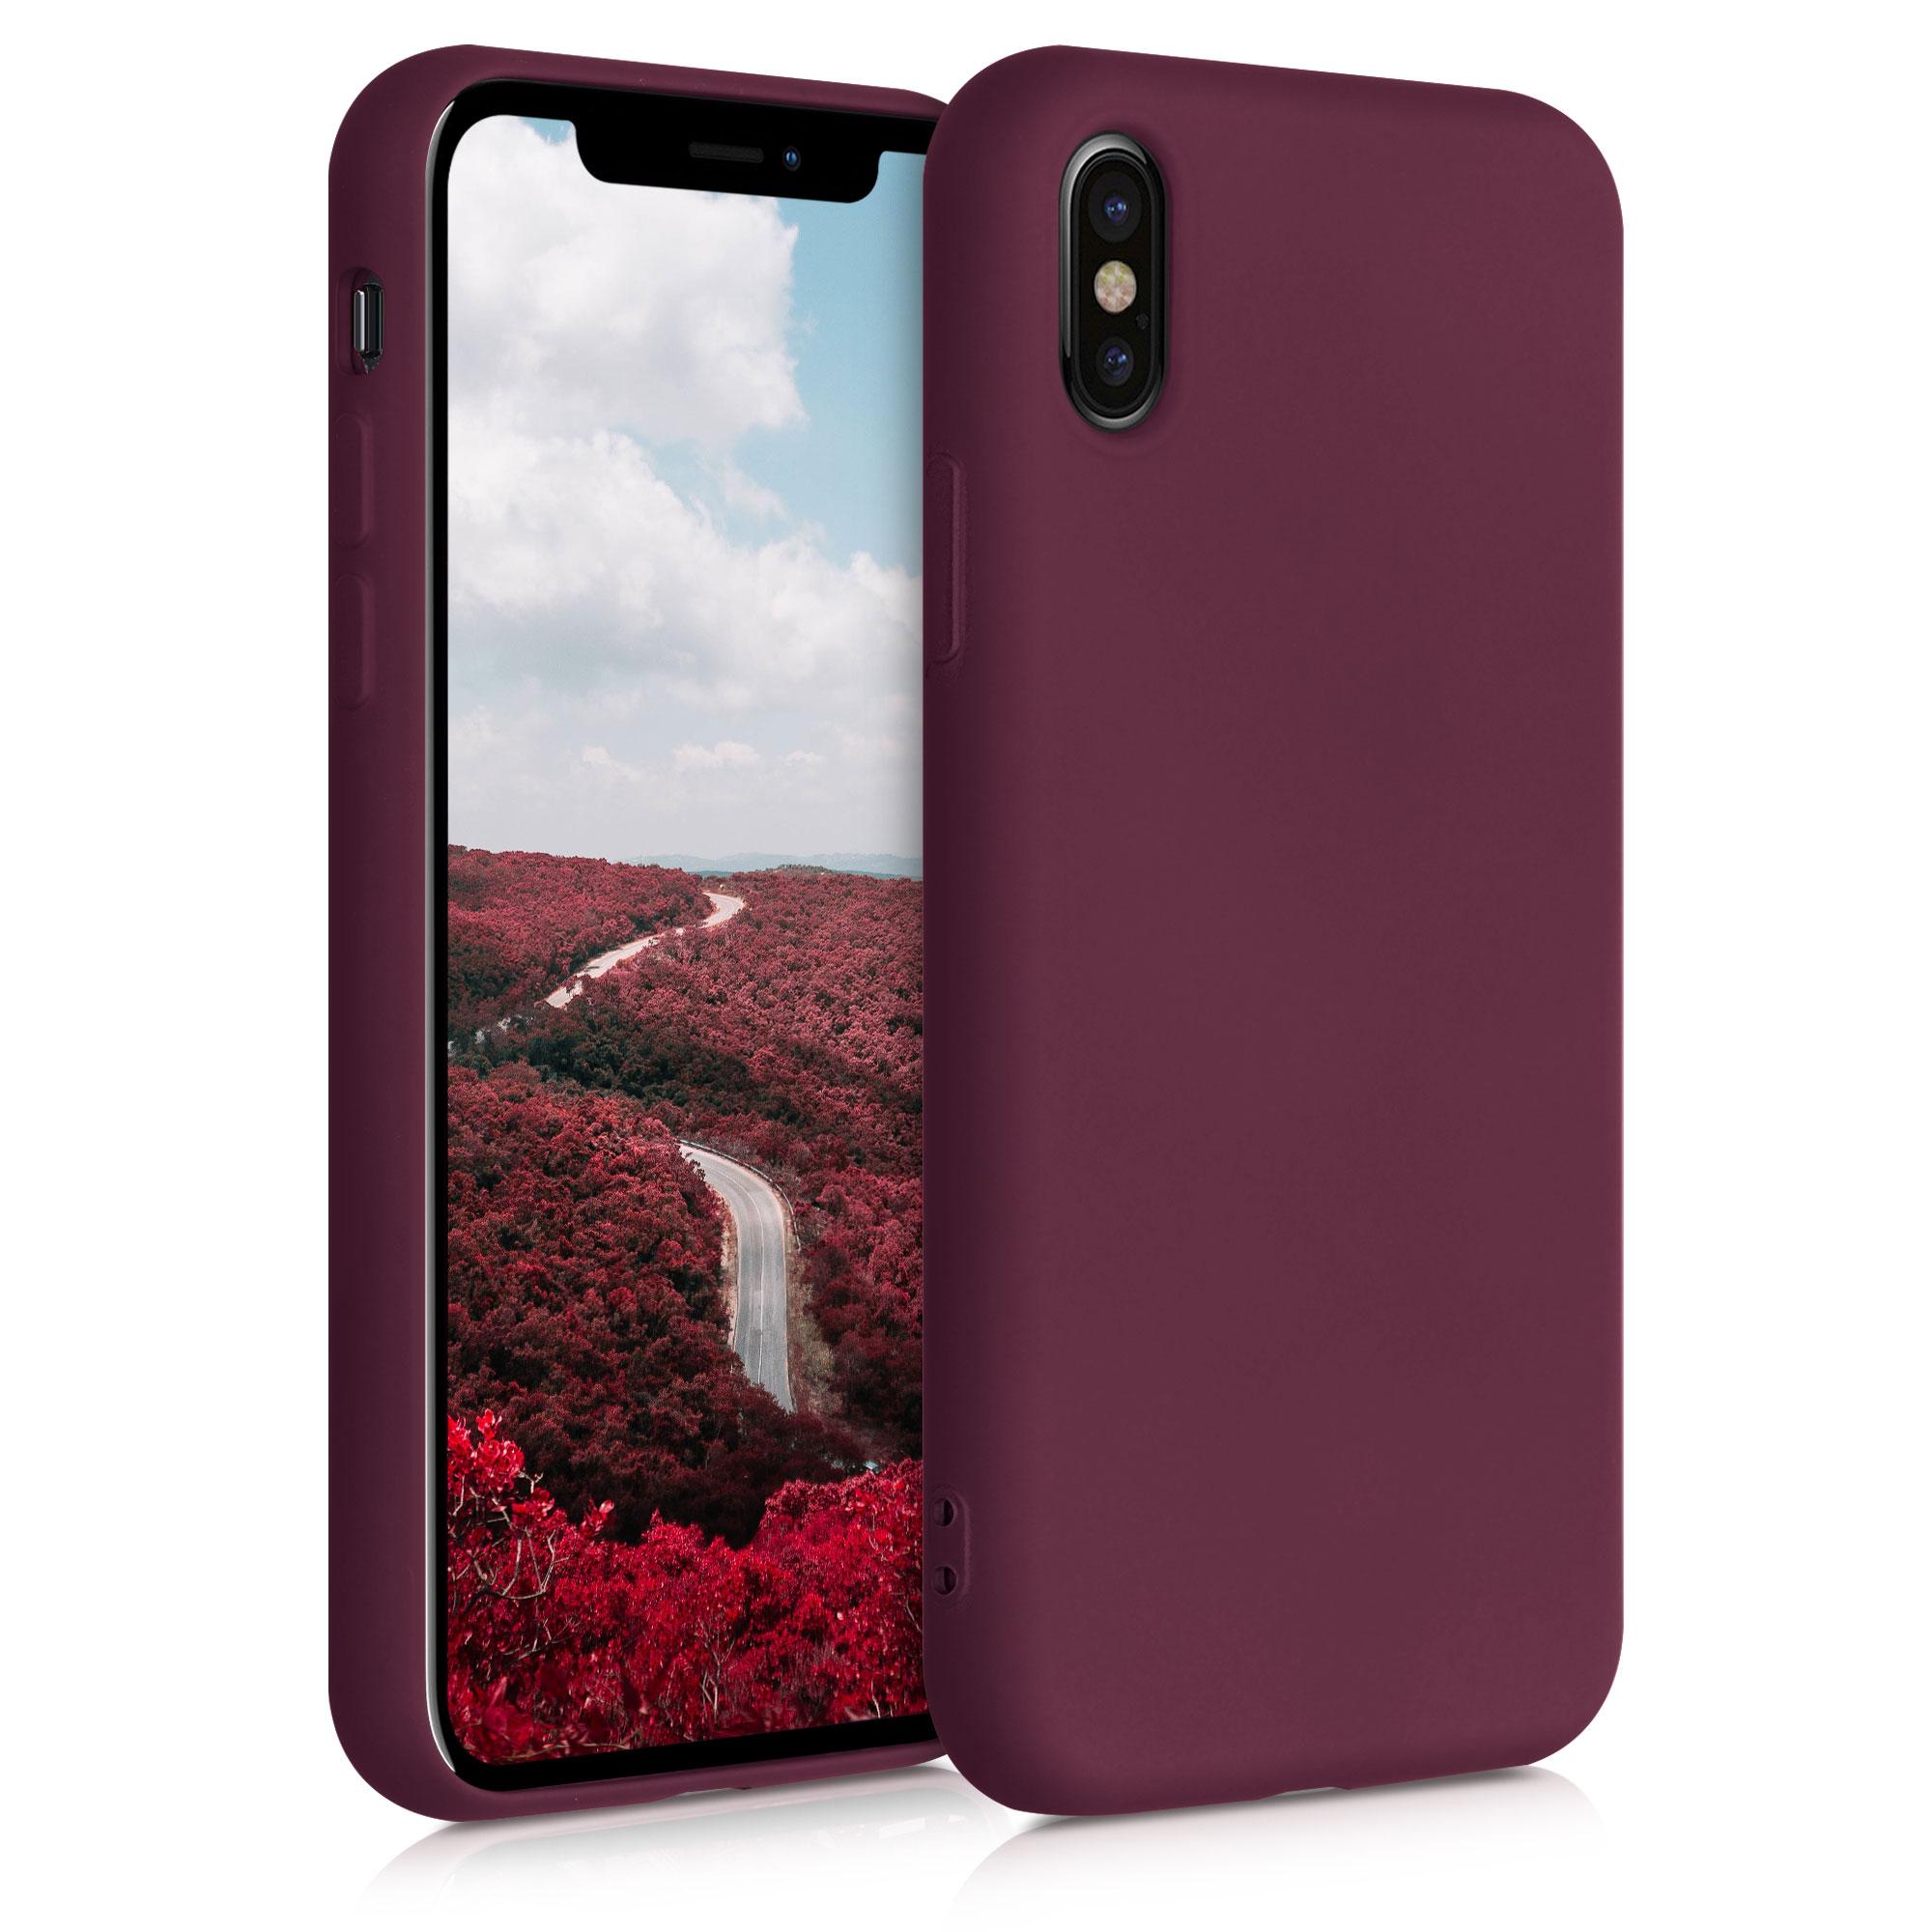 Kvalitní silikonové TPU pouzdro pro Apple iPhone X - Tawny Red